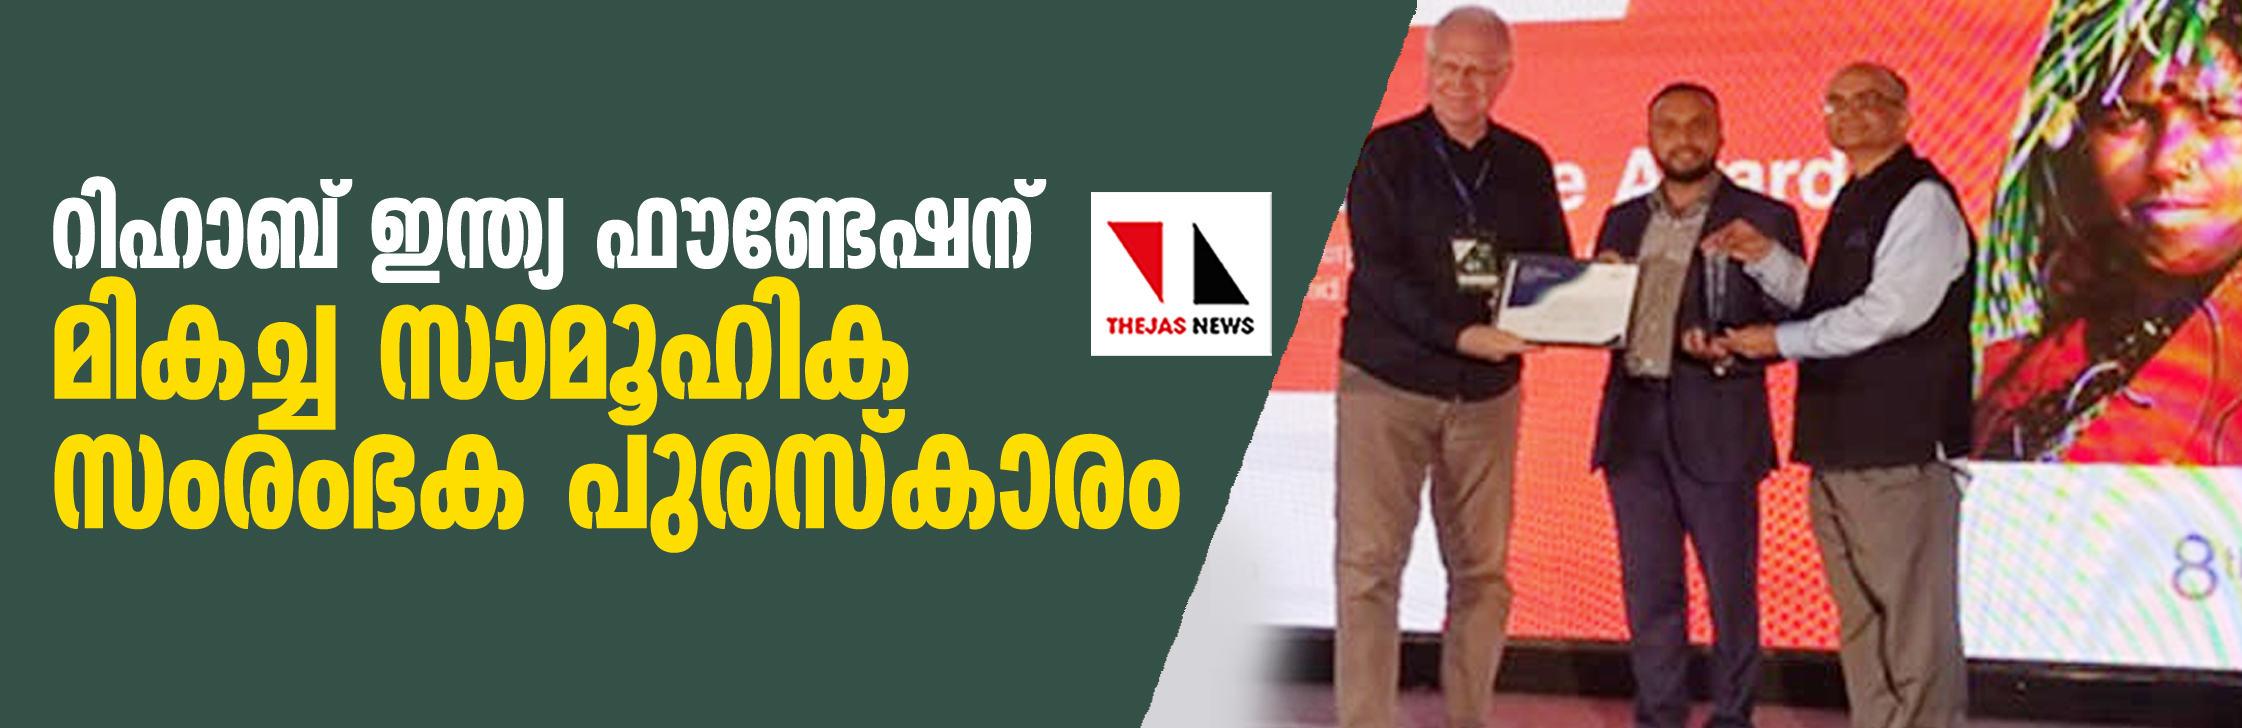 റിഹാബ് ഇന്ത്യ ഫൗണ്ടേഷന് മികച്ച സാമൂഹികസംരംഭക പുരസ്കാരം